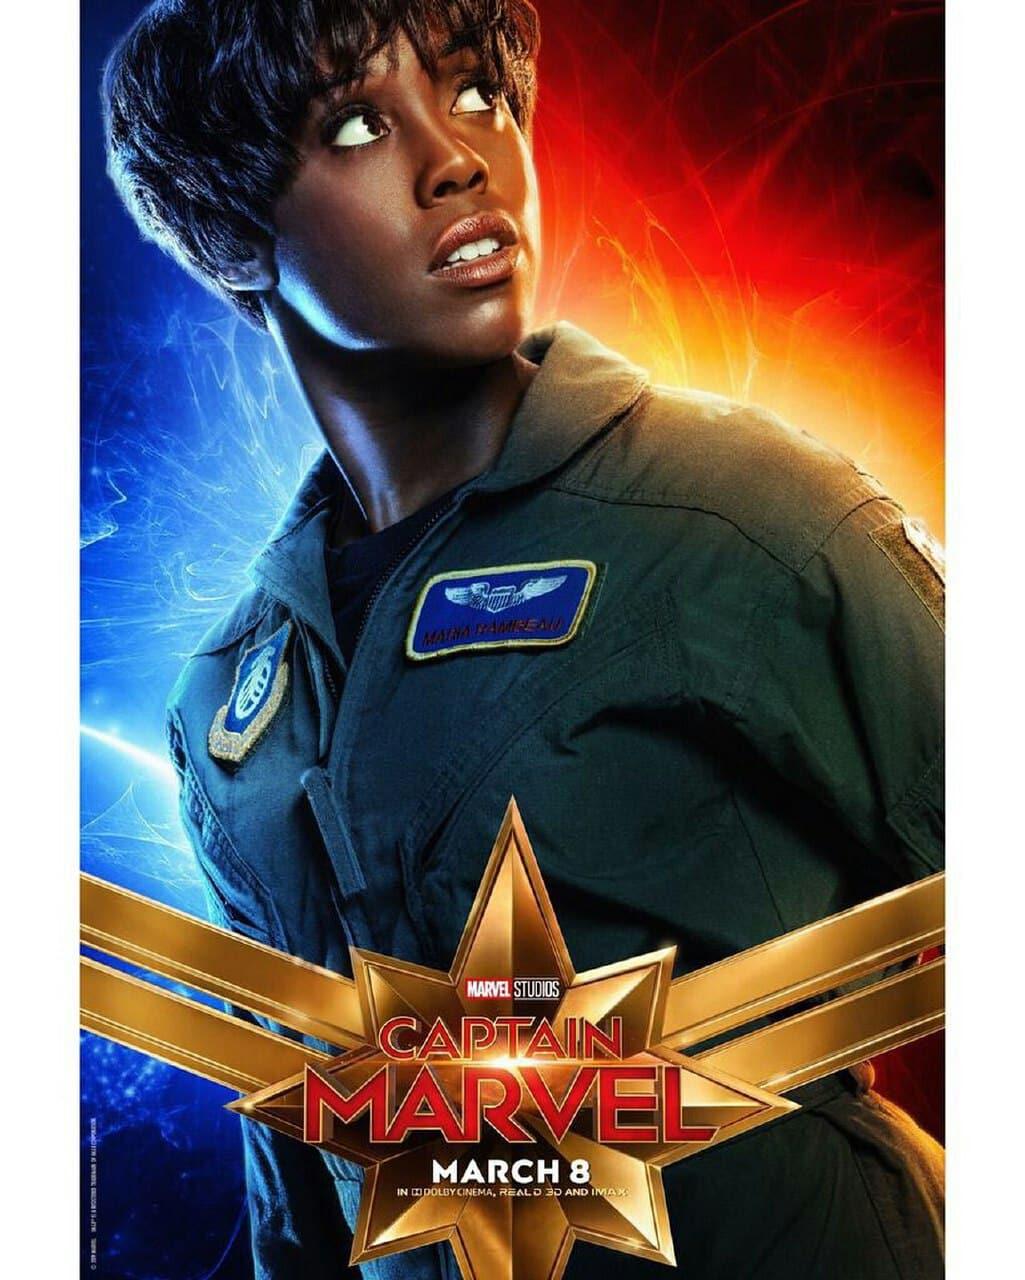 Revelan por qué Capitana Marvel no tiene interés romántico en la película